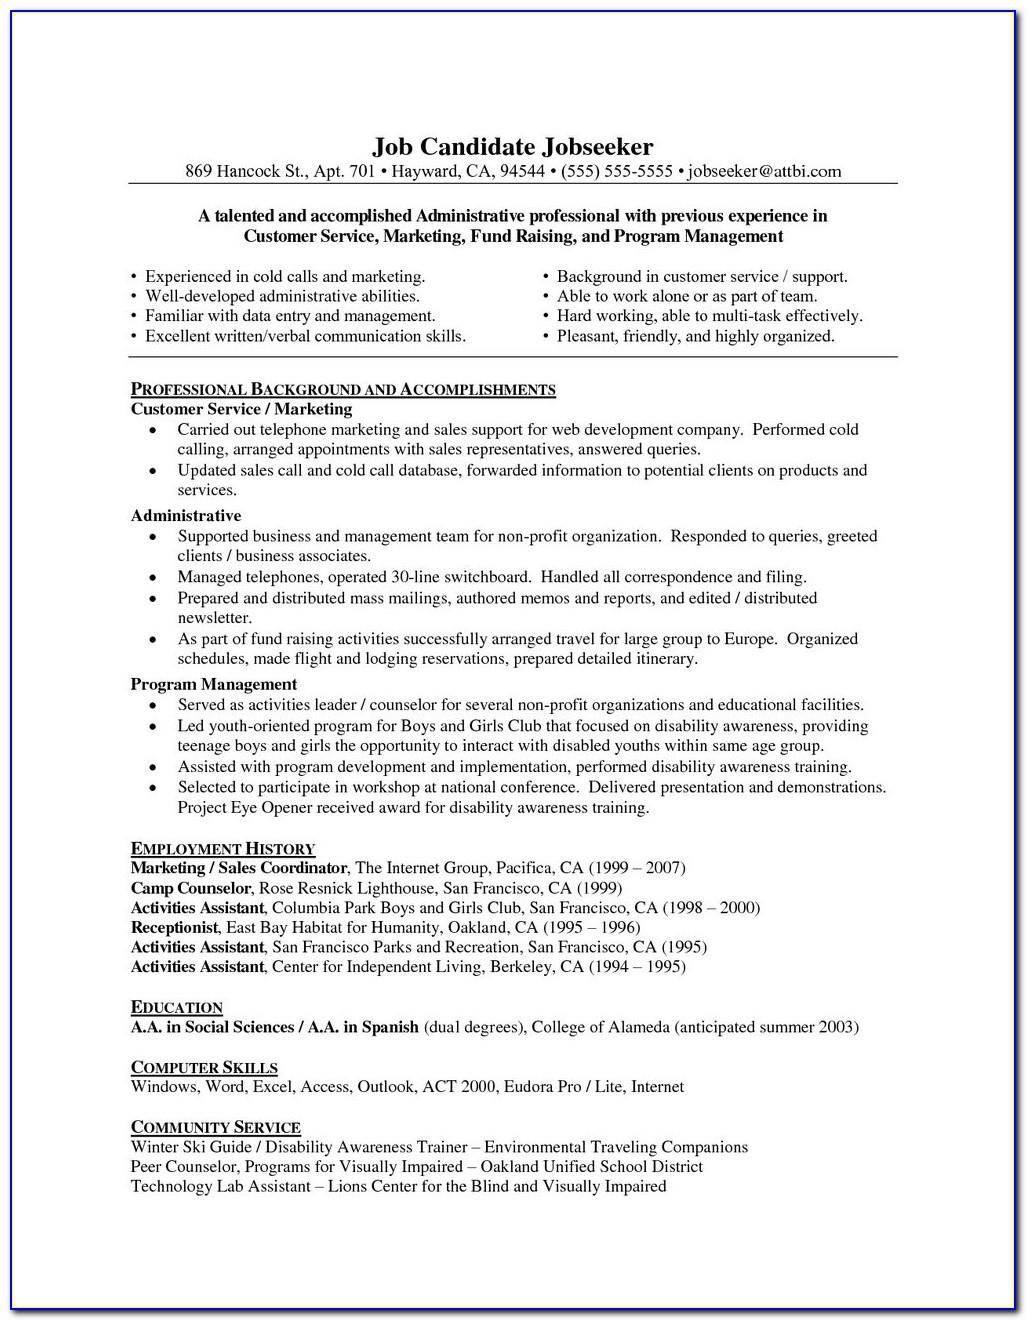 Resume Services Buffalo Ny